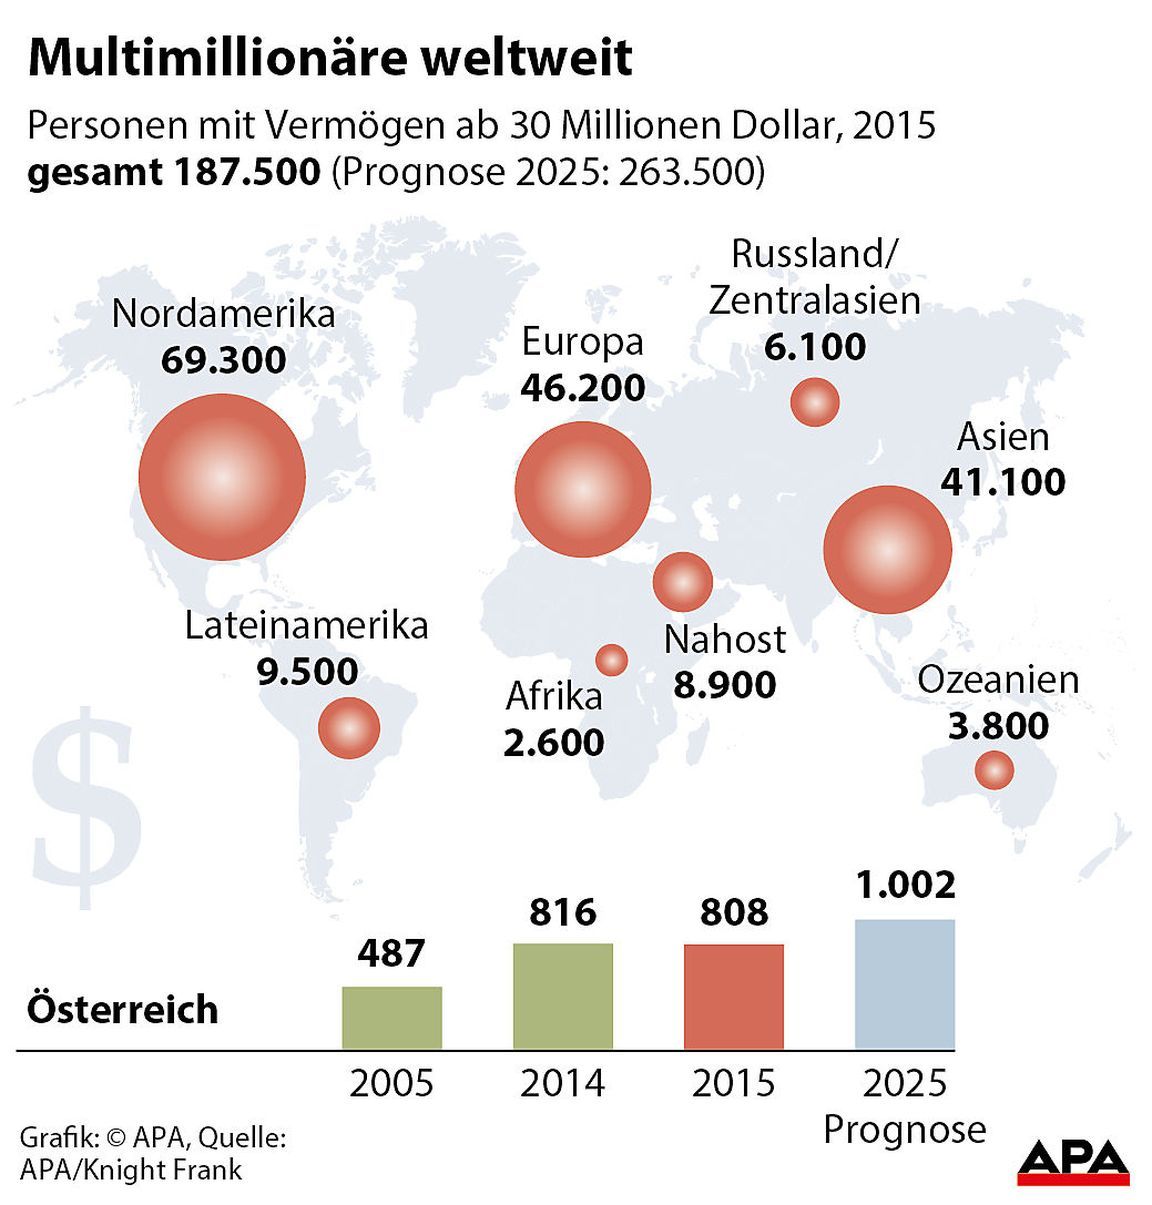 Multimillionäre